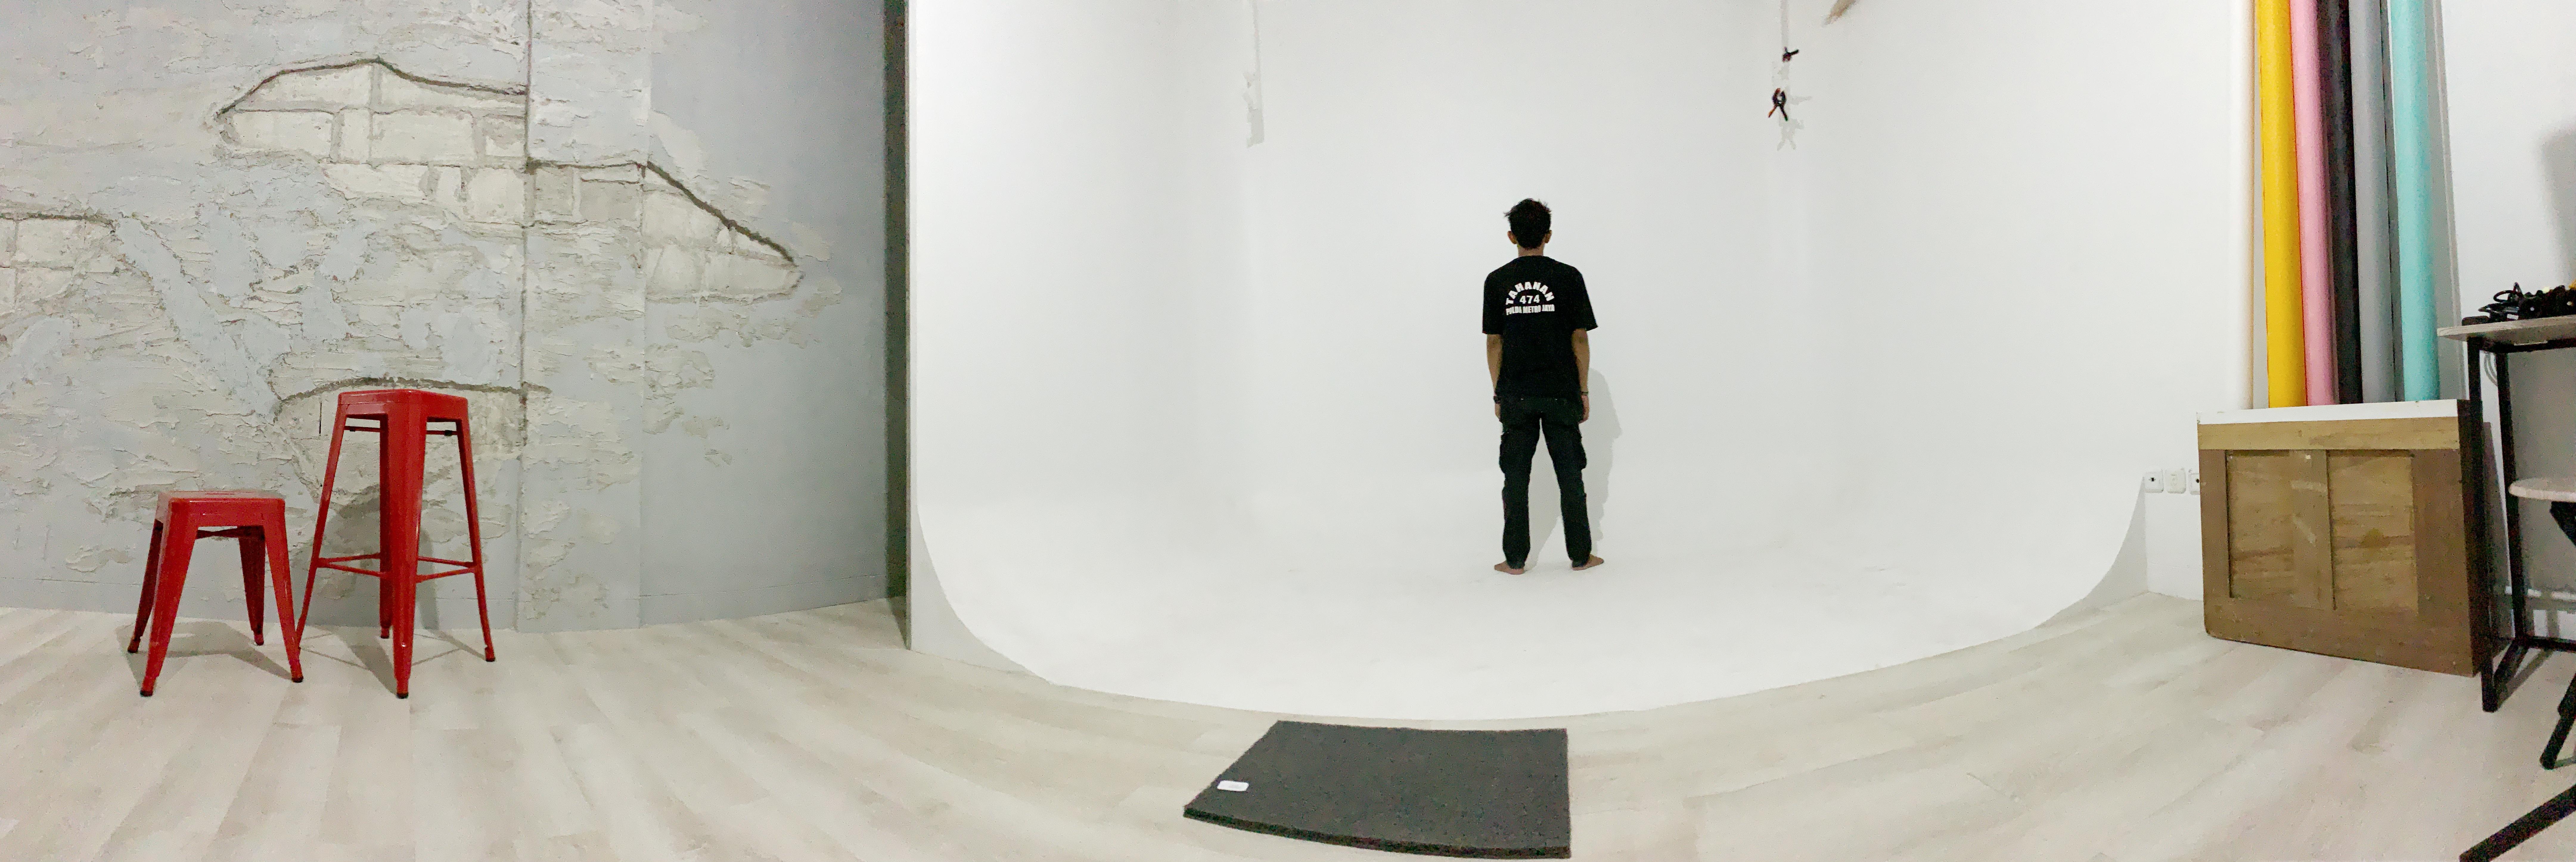 Lantai 1 Ruang limbo